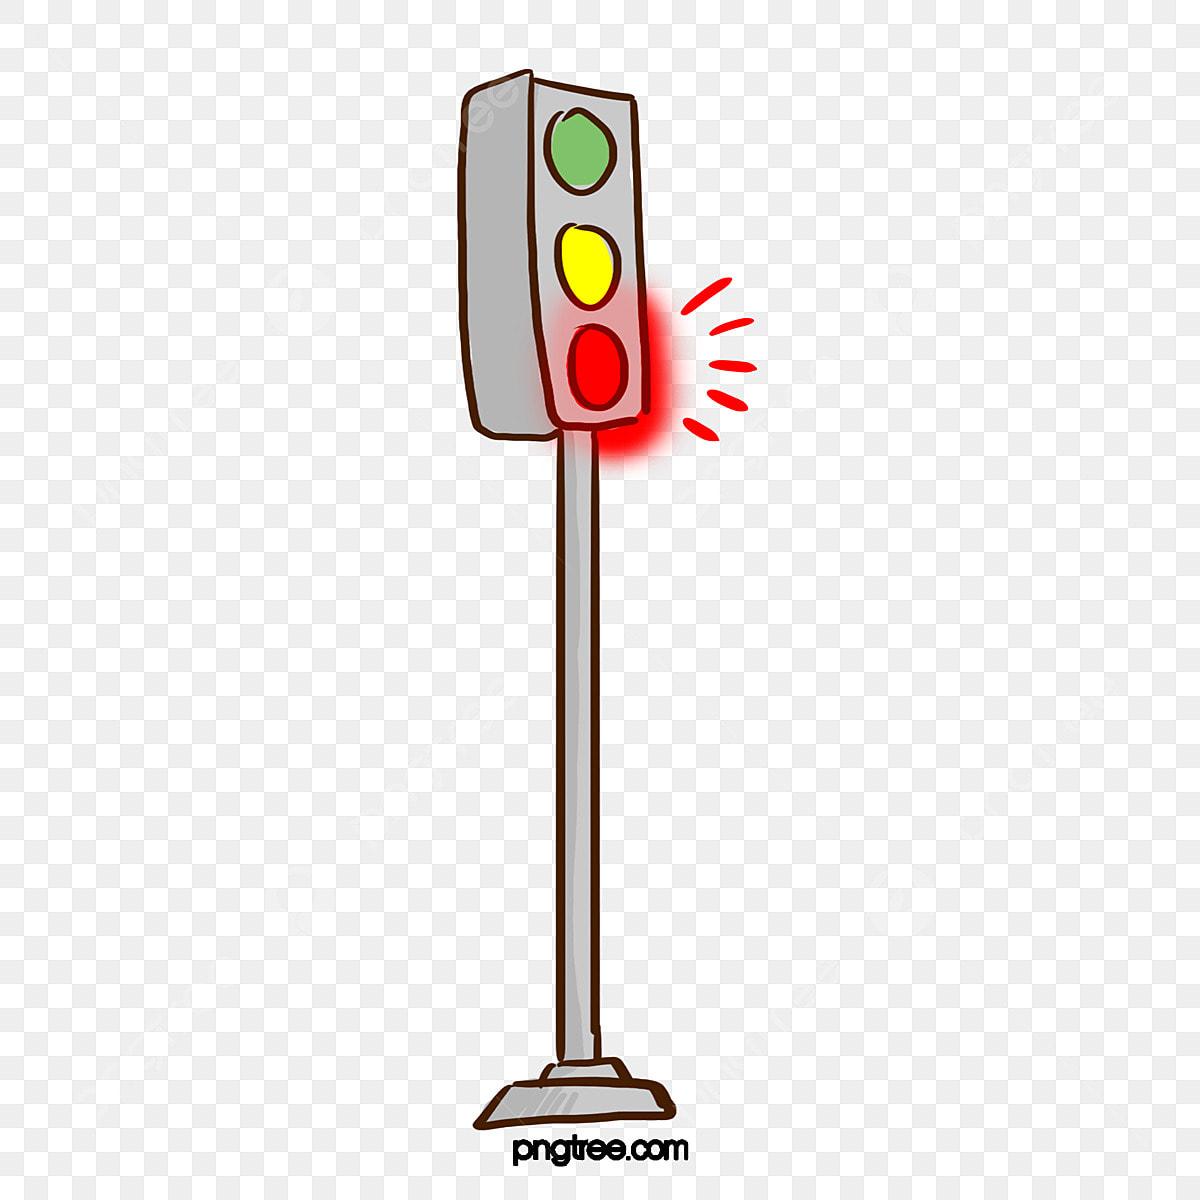 gambar lampu lalu lintas keselamatan lalu lintas isyarat cahaya lampu merah keselamatan lalu lintas traffic light lampu png dan psd untuk muat turun percuma https ms pngtree com freepng traffic safety traffic light signal light red light 4840613 html